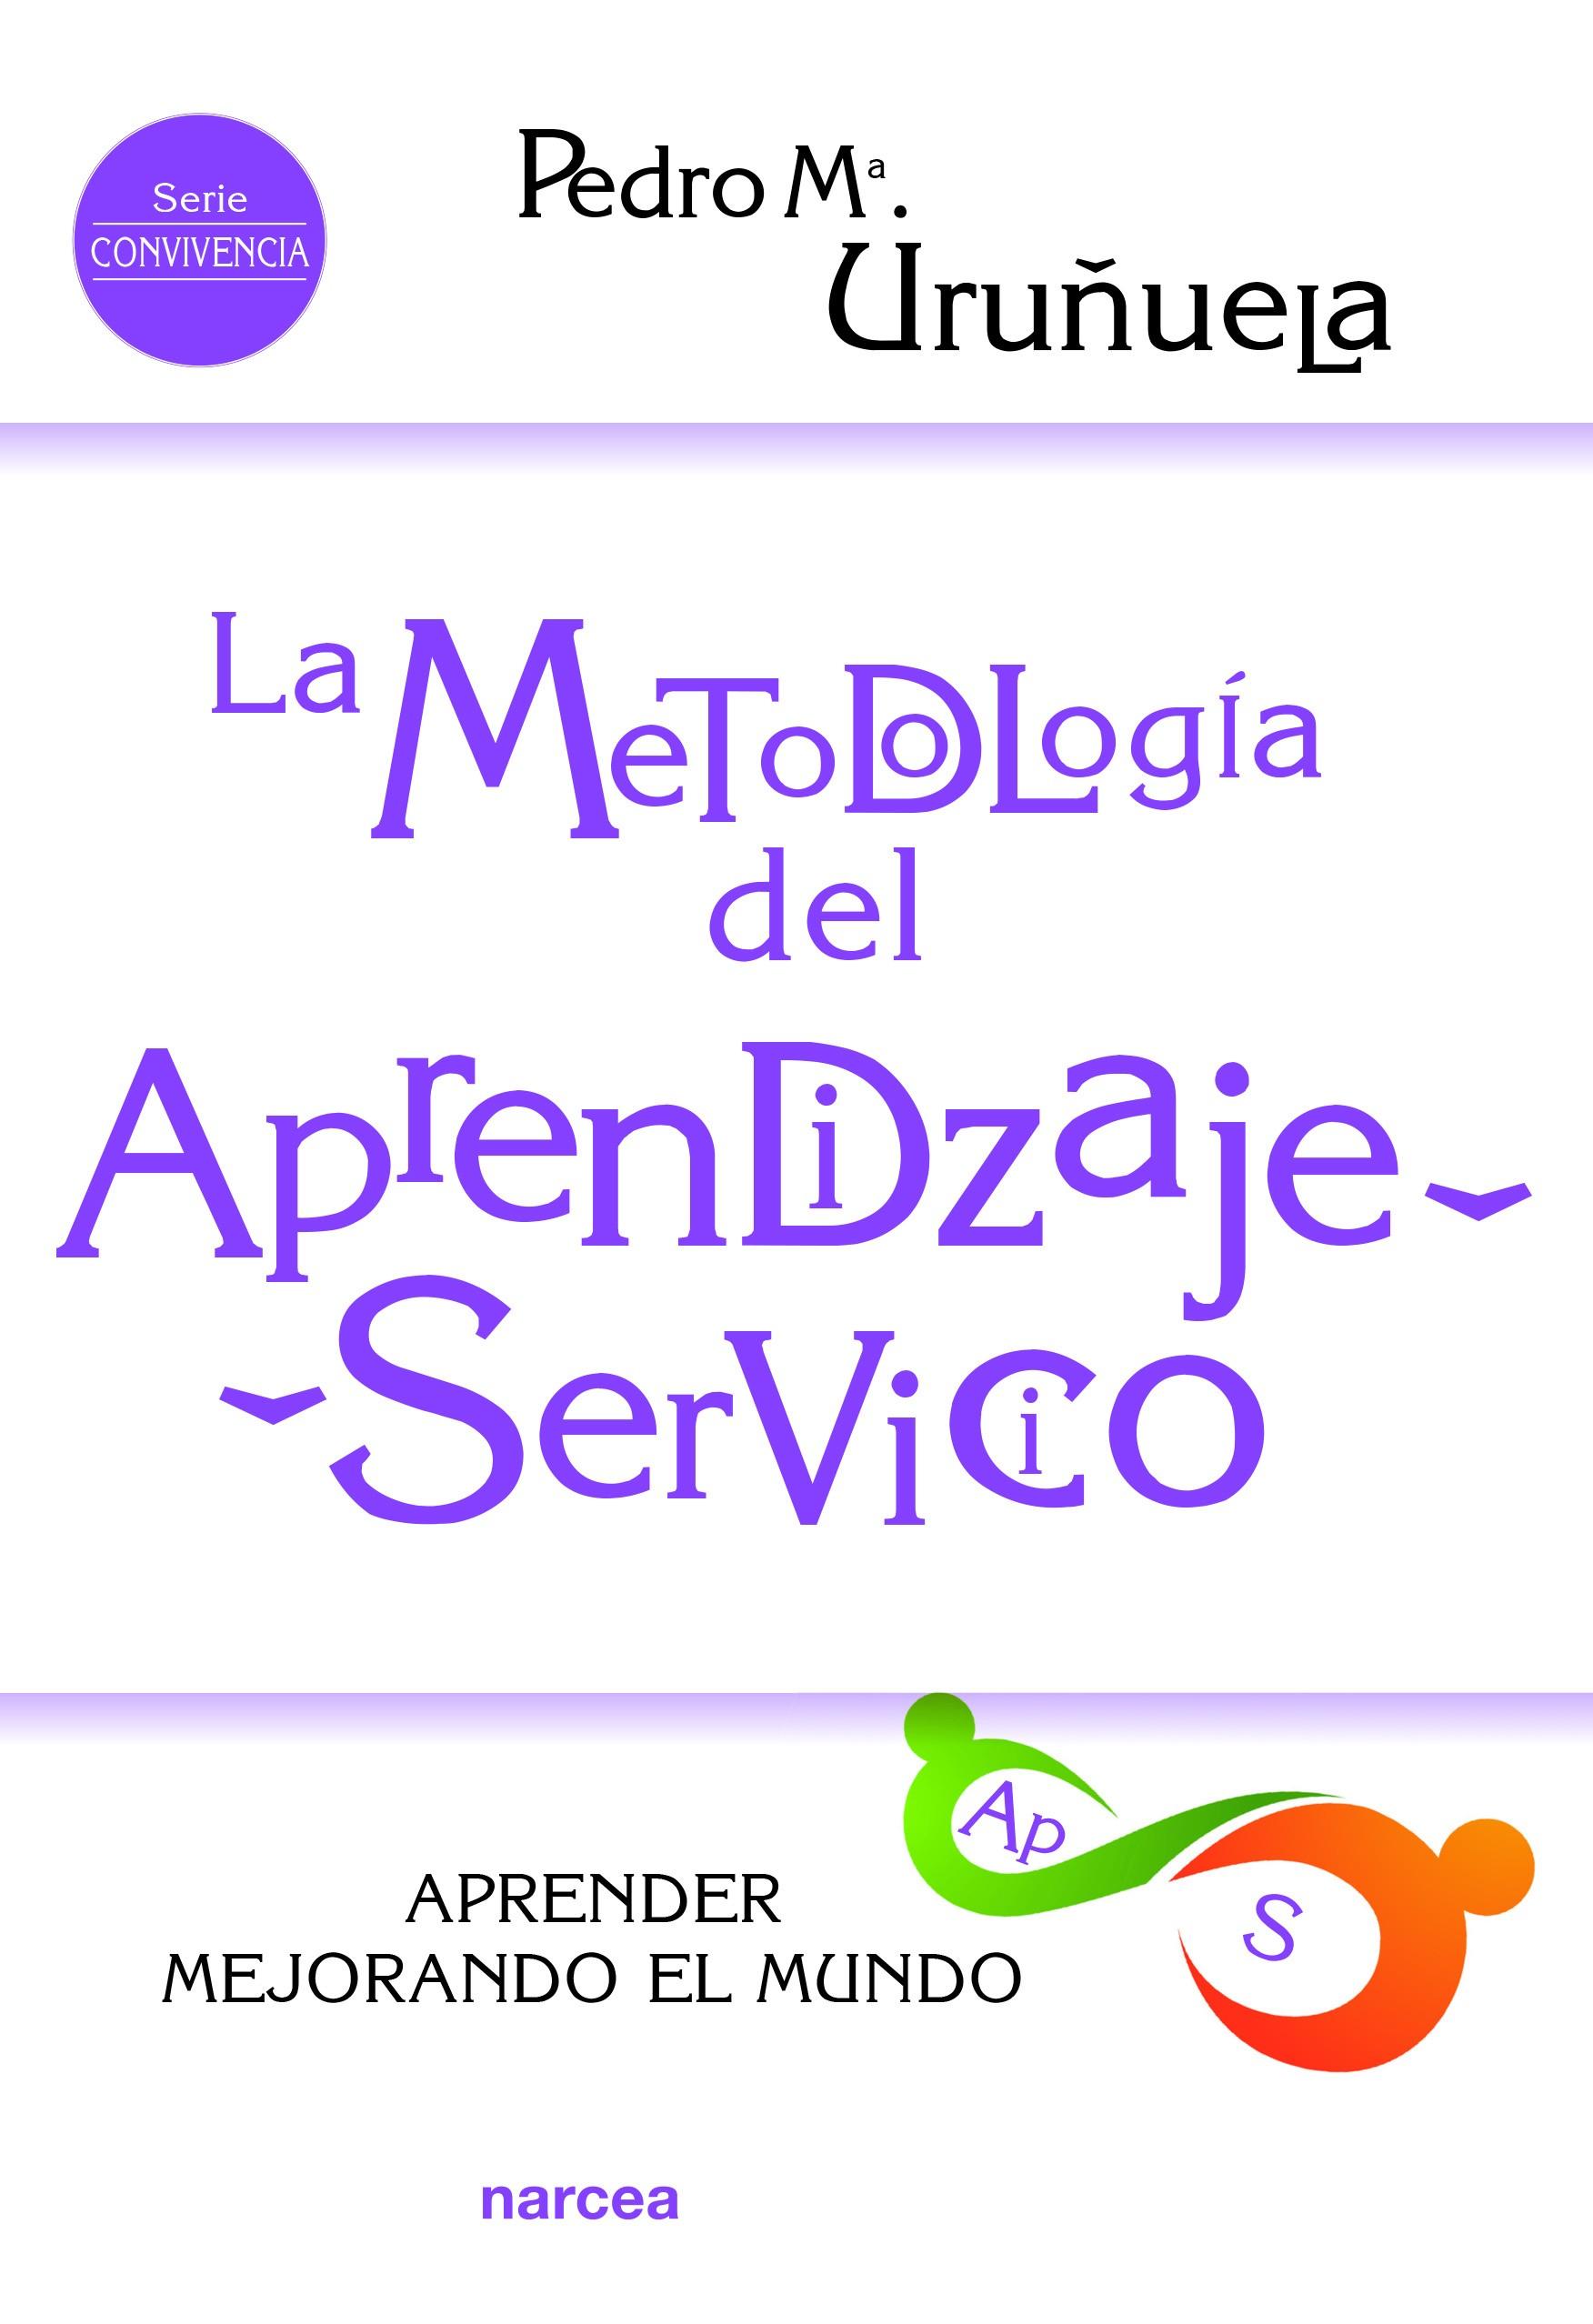 La metodología del Aprendizaje-Servicio